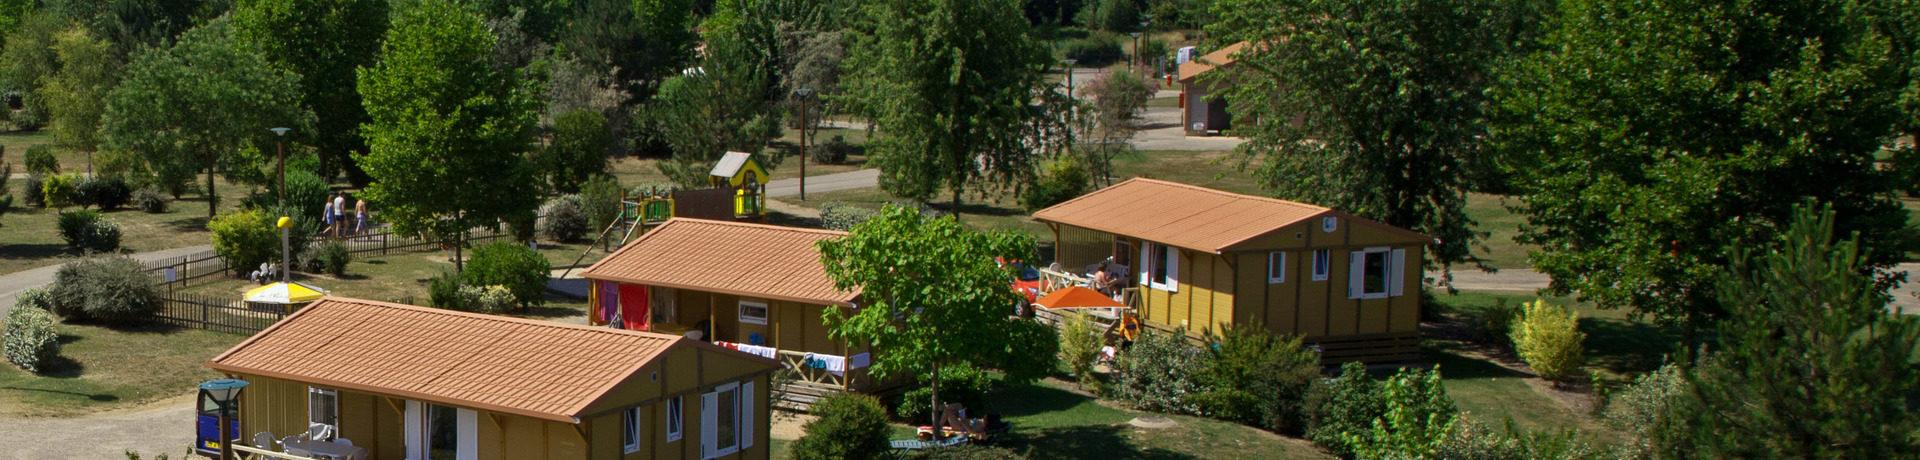 Camping Champ d'été inPont-de-Vaux is een rustig gelegen, parkachtige camping met zon en schaduw plaatsen gelegen in het departement Ain.